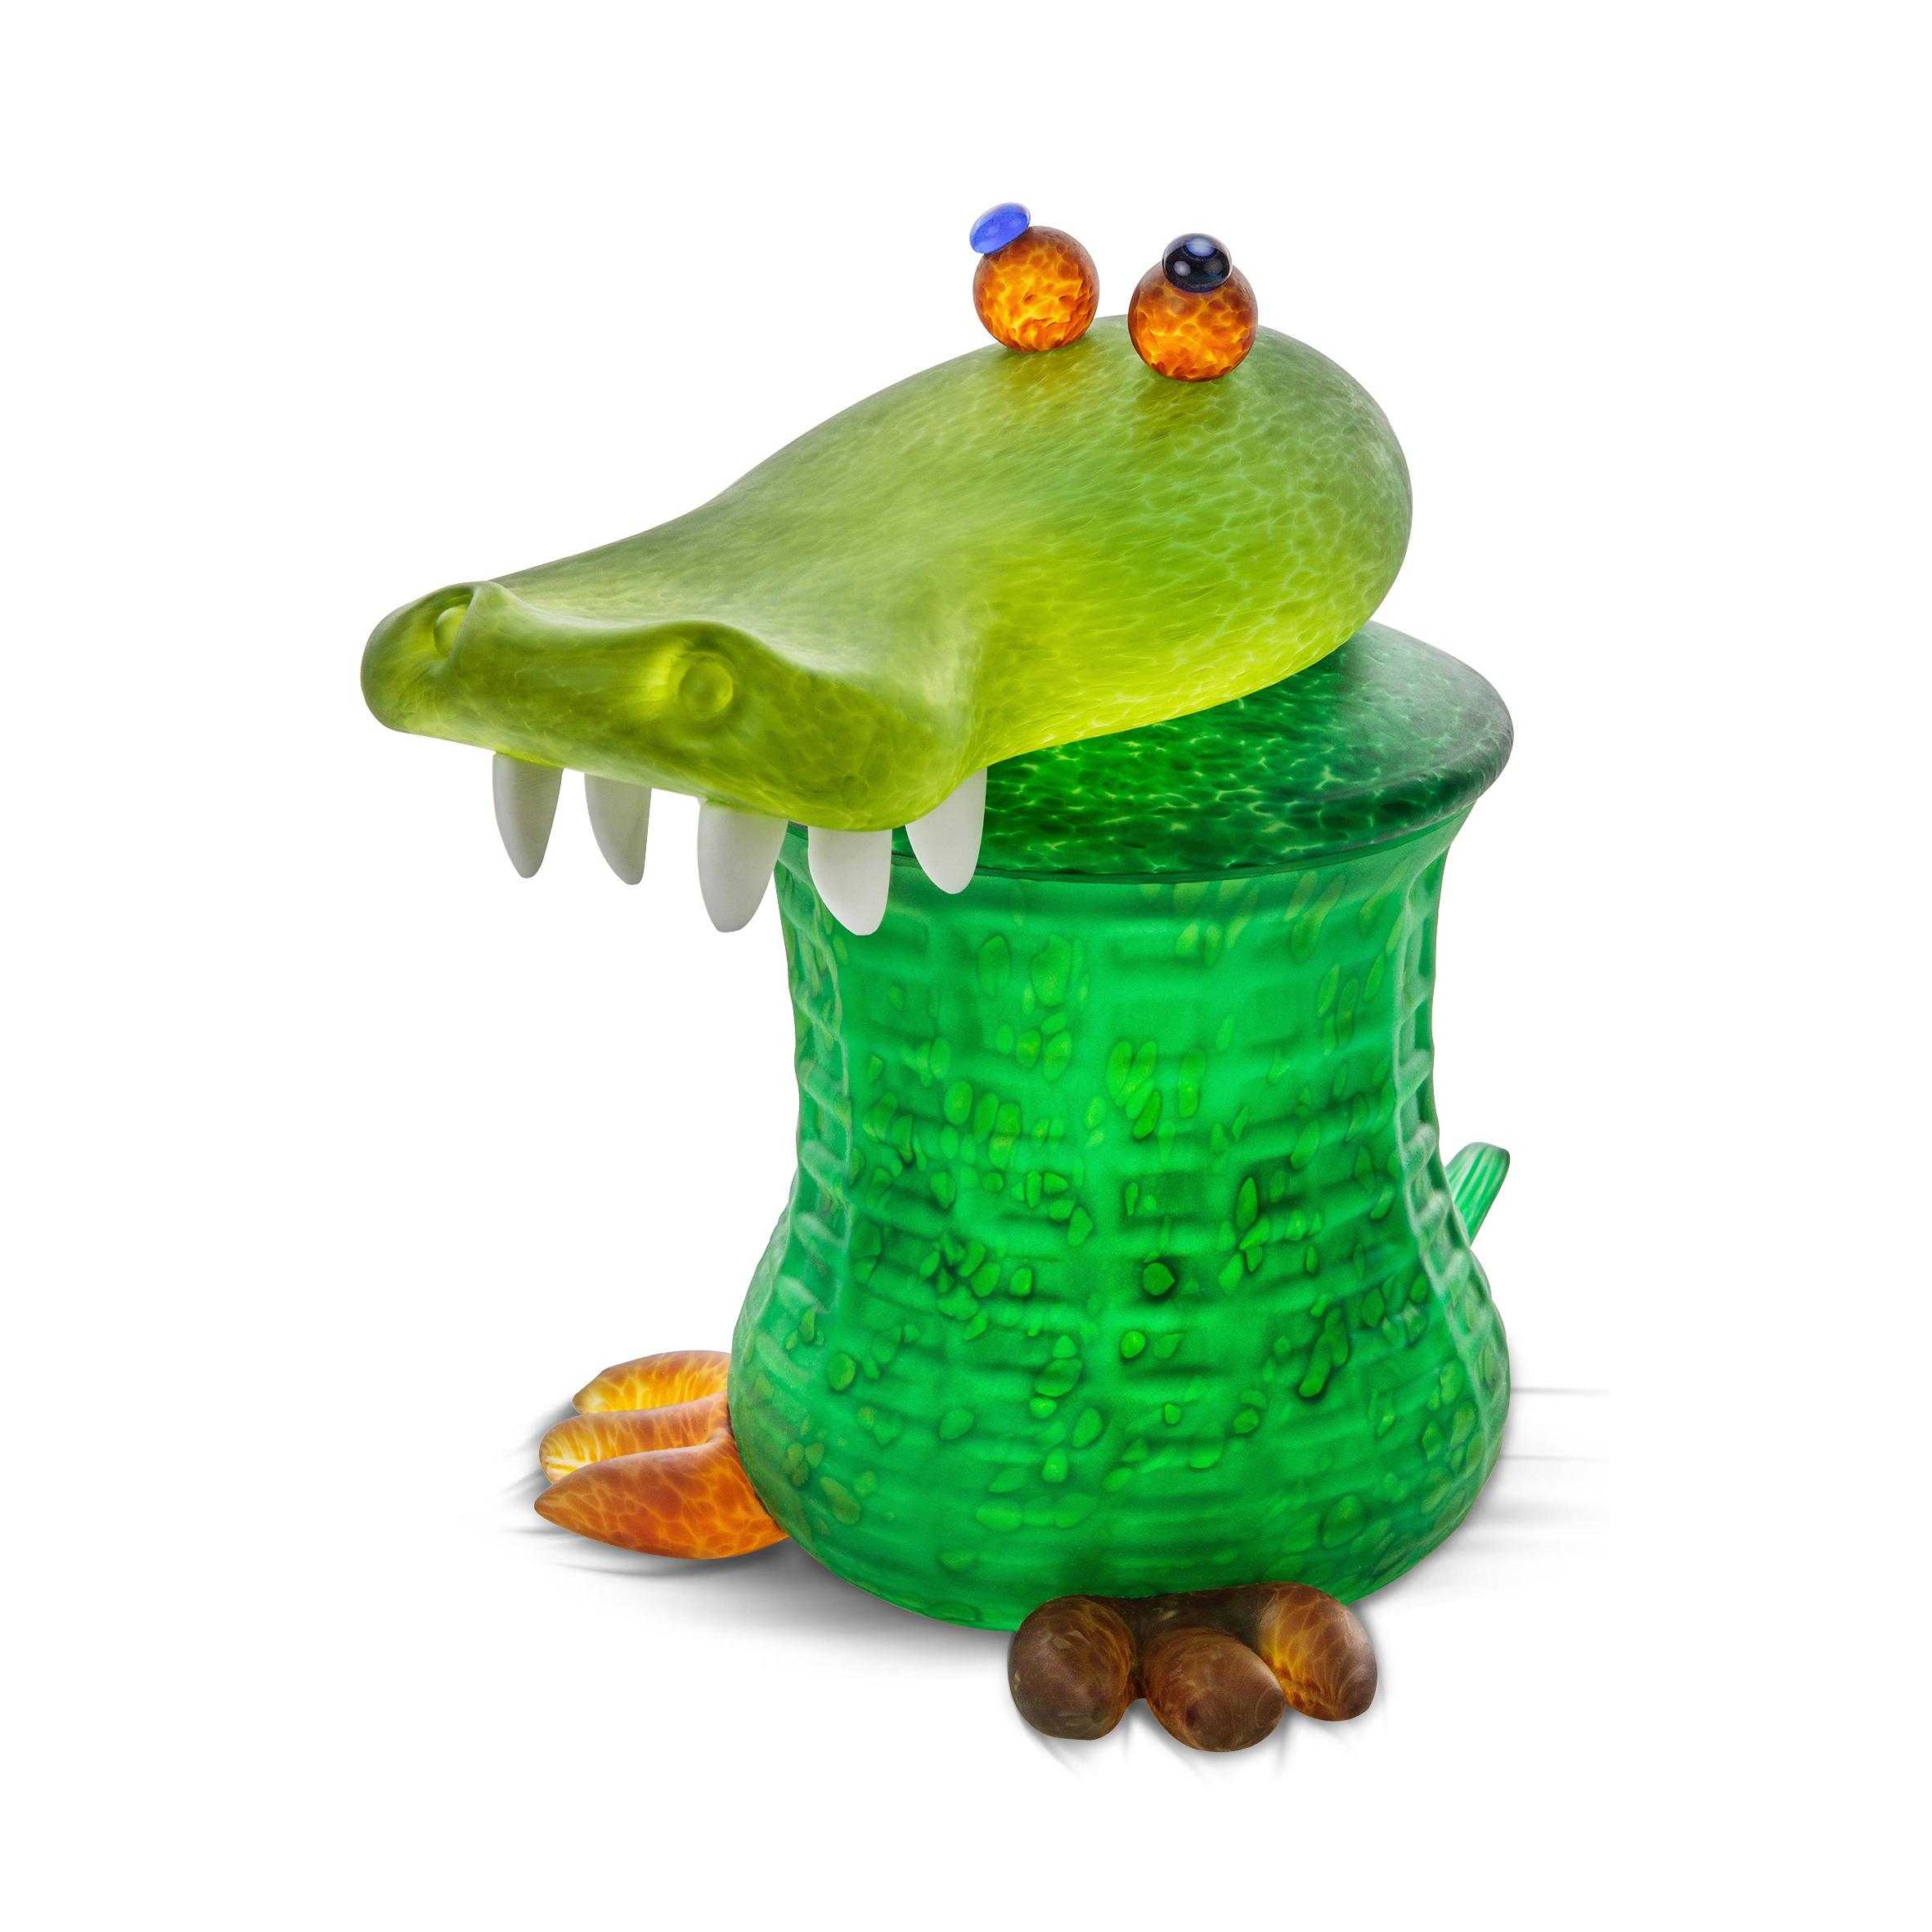 Gator, Keksdose, grün